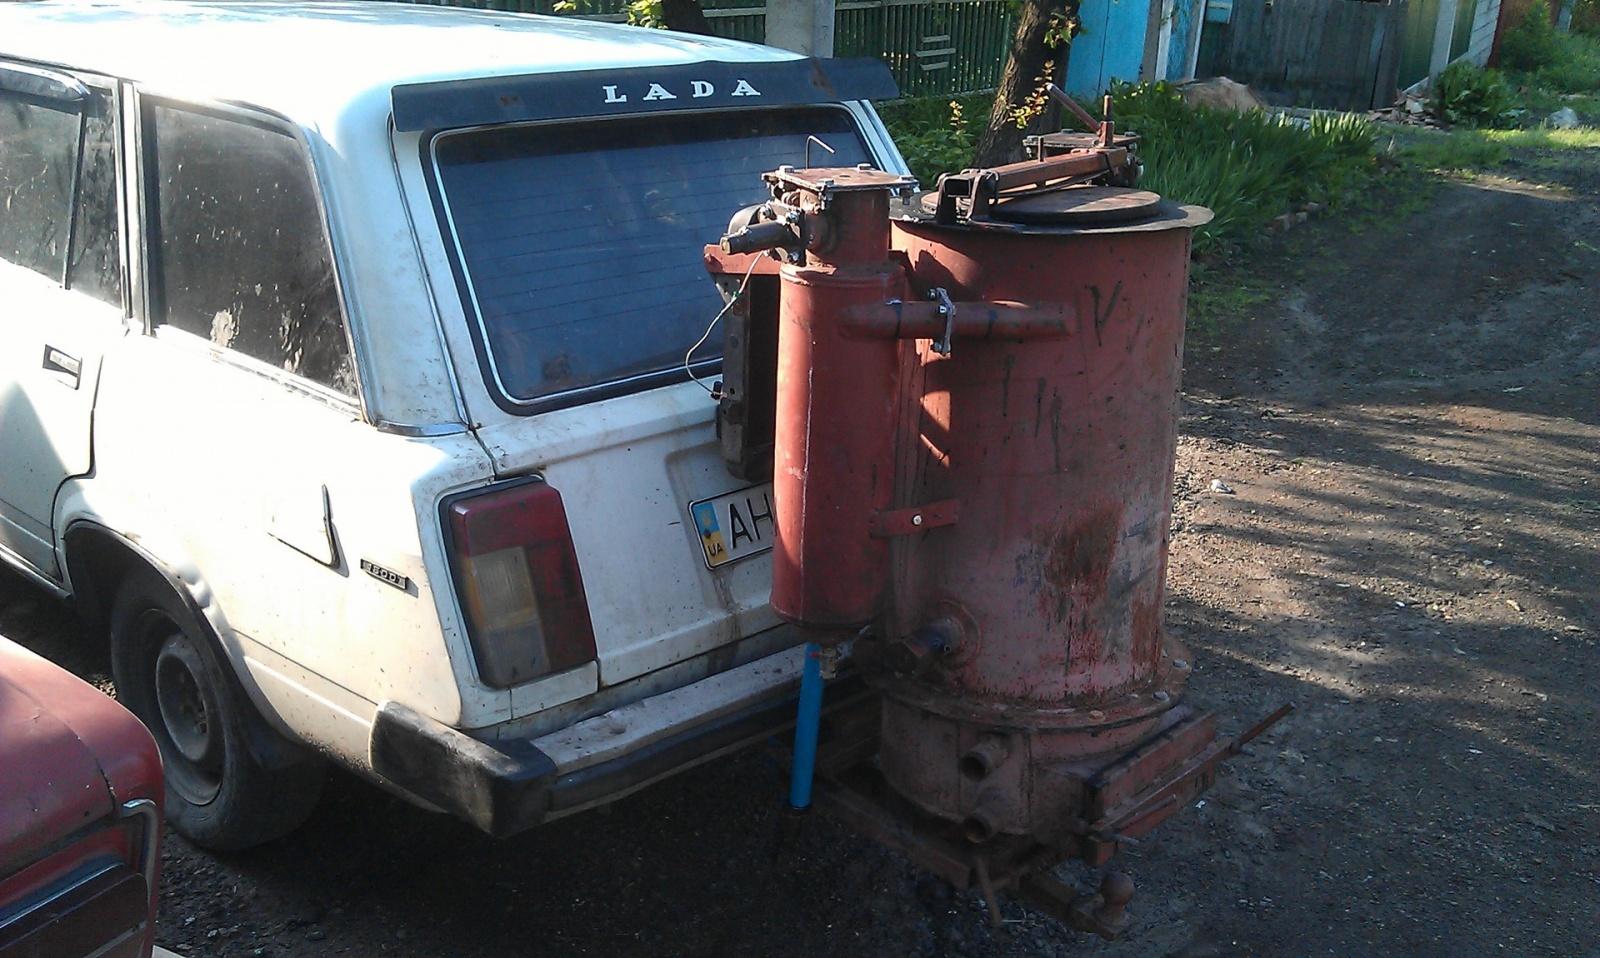 Машина на дровах: расход, пробег, запуск, фильтрация, октановое число газа, влияние на двигатель - 1